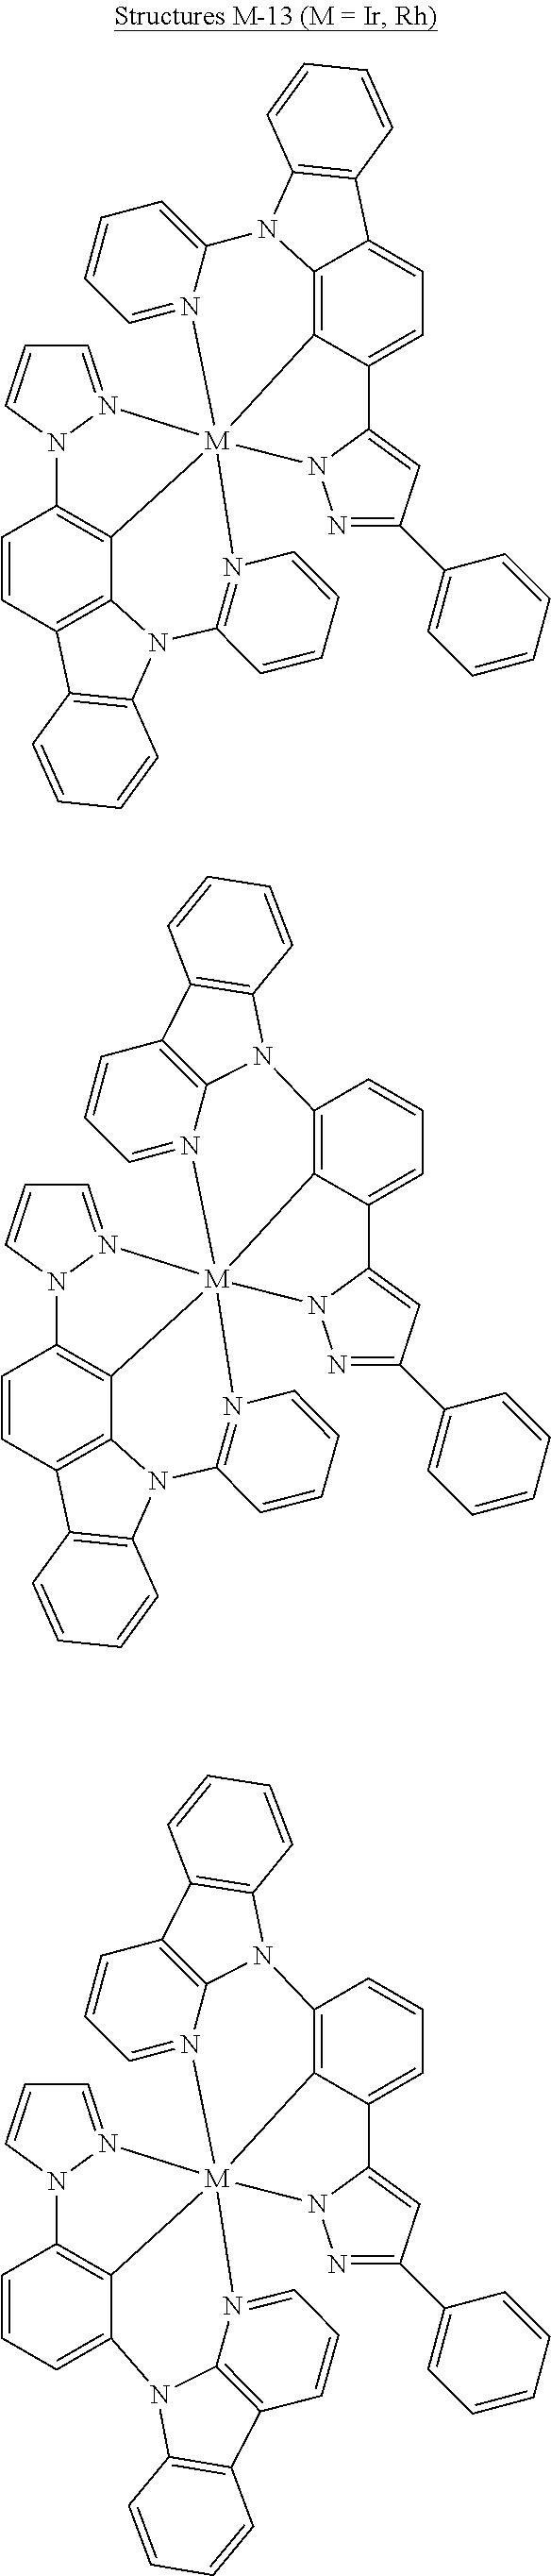 Figure US09818959-20171114-C00298